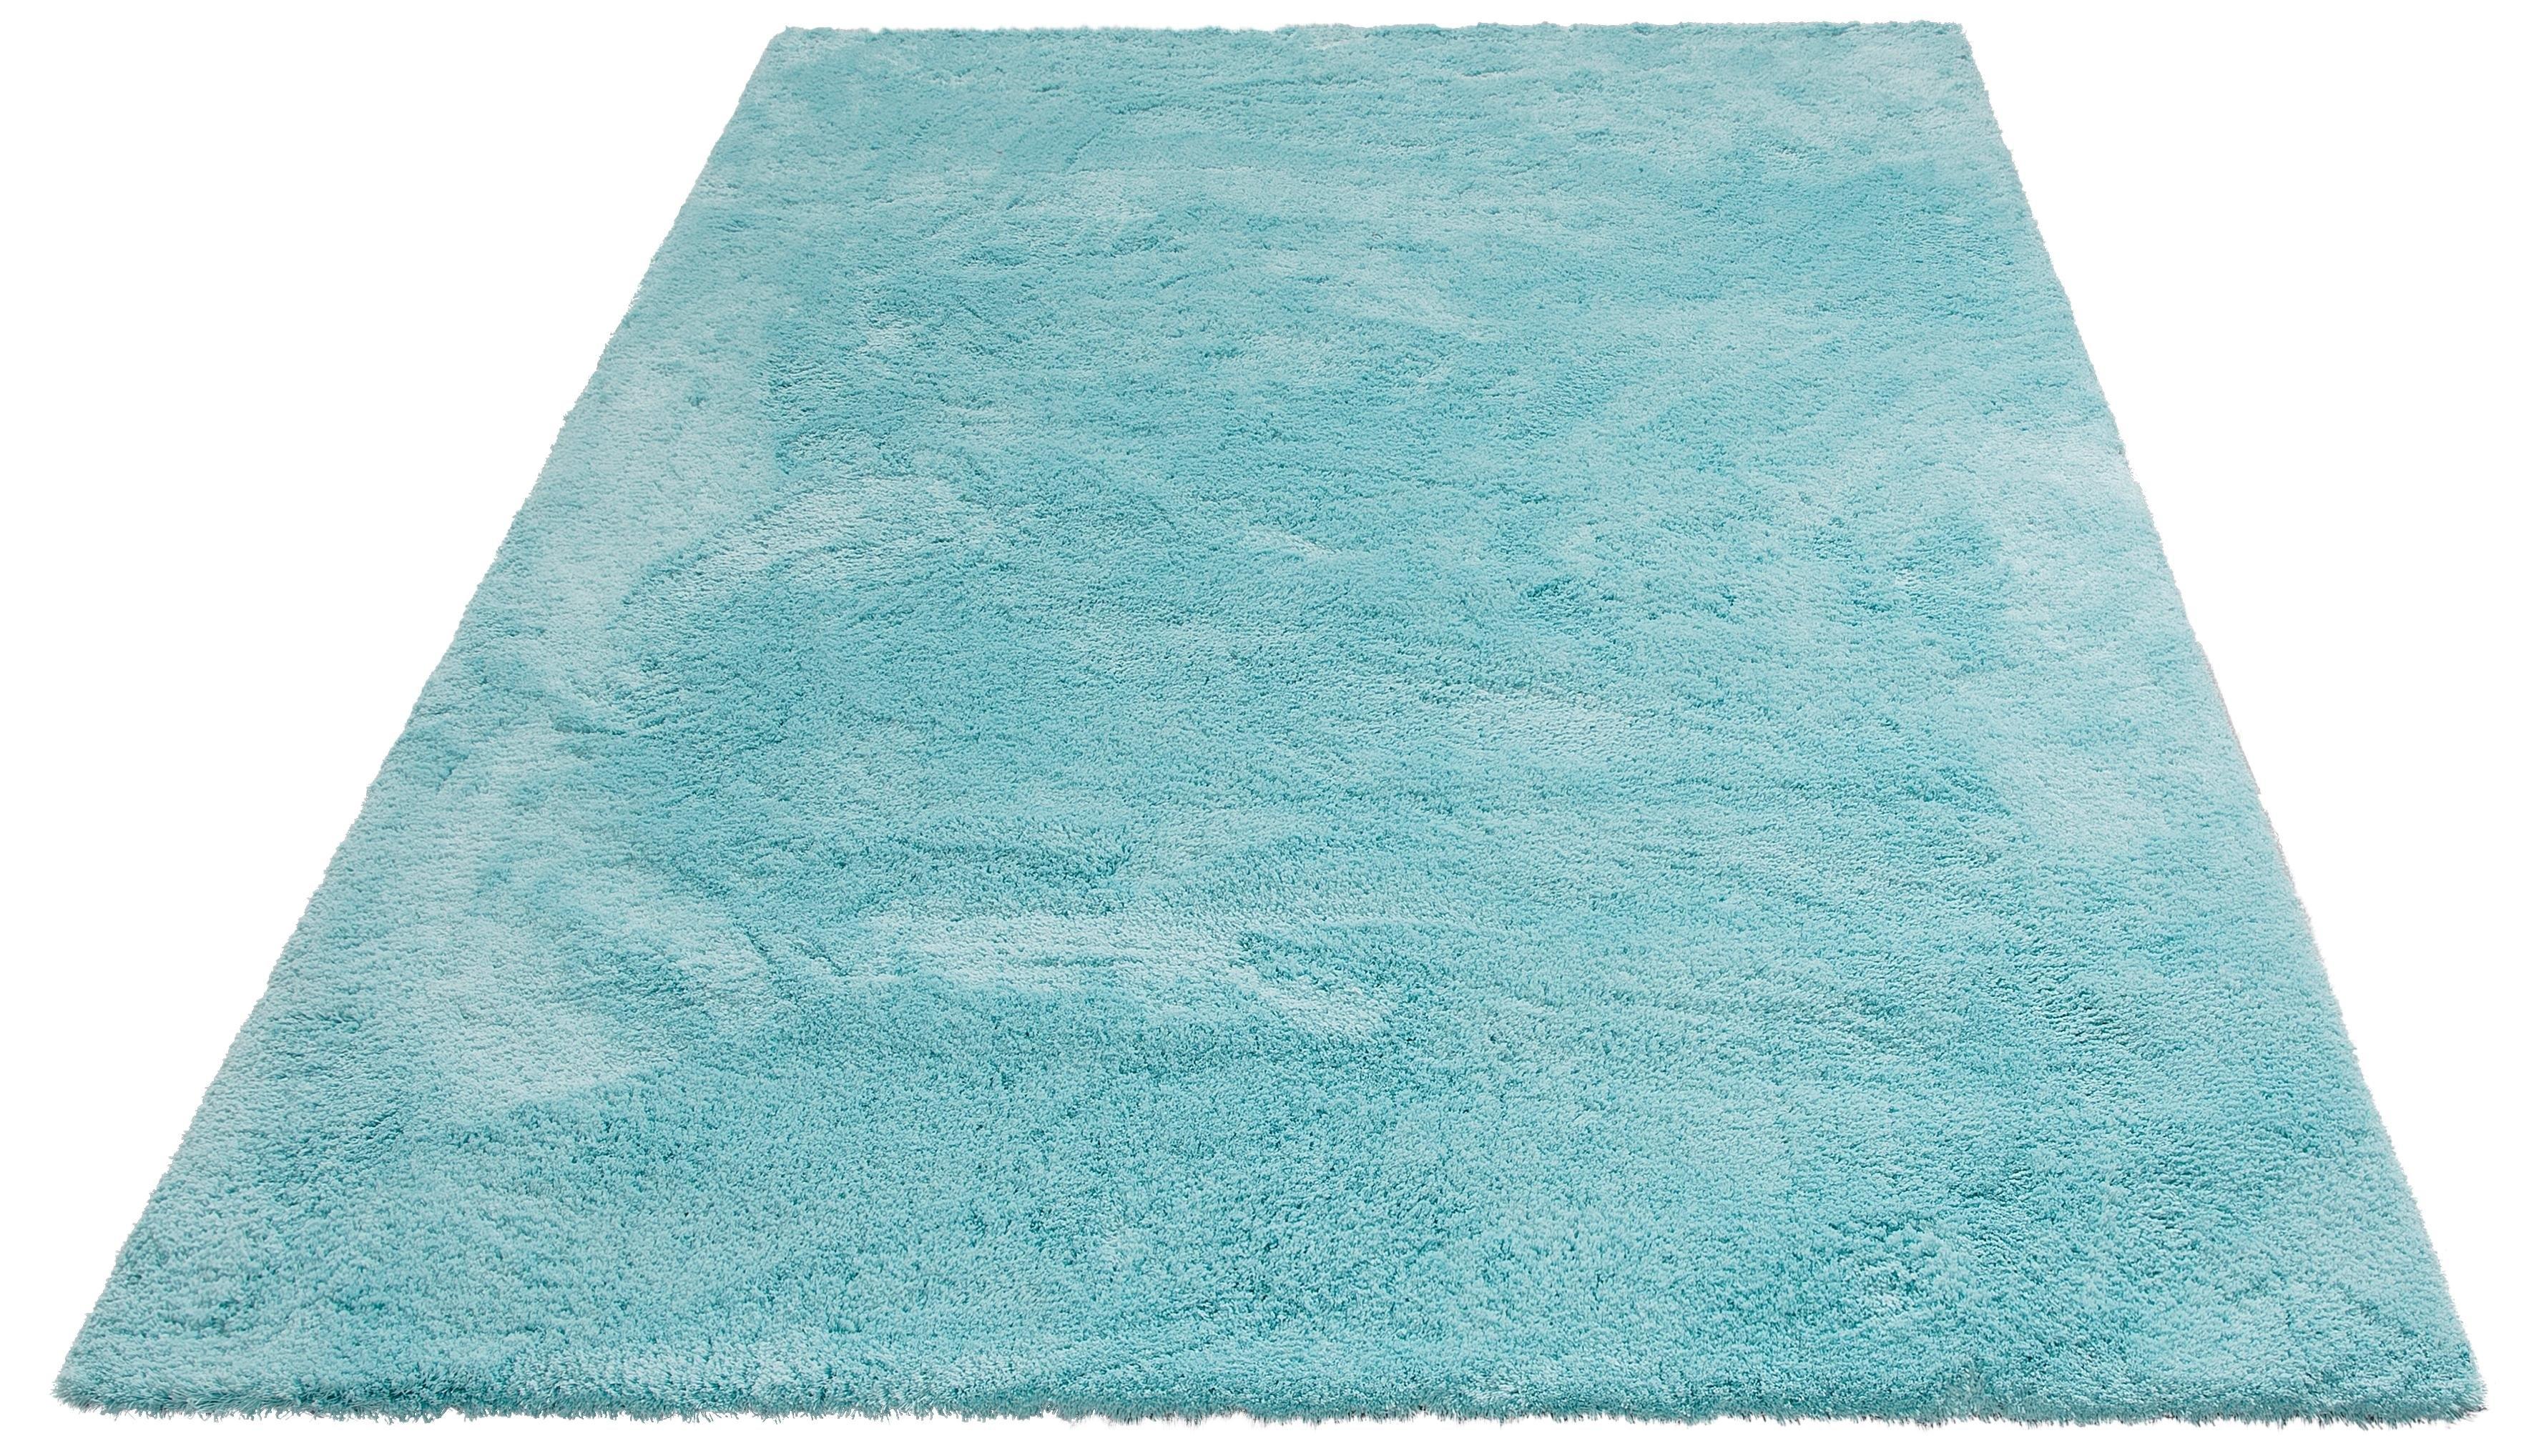 My Home Hoogpolig vloerkleed,SELECTION, »Magong«, hoogte 25 mm, handgetuft online kopen op otto.nl